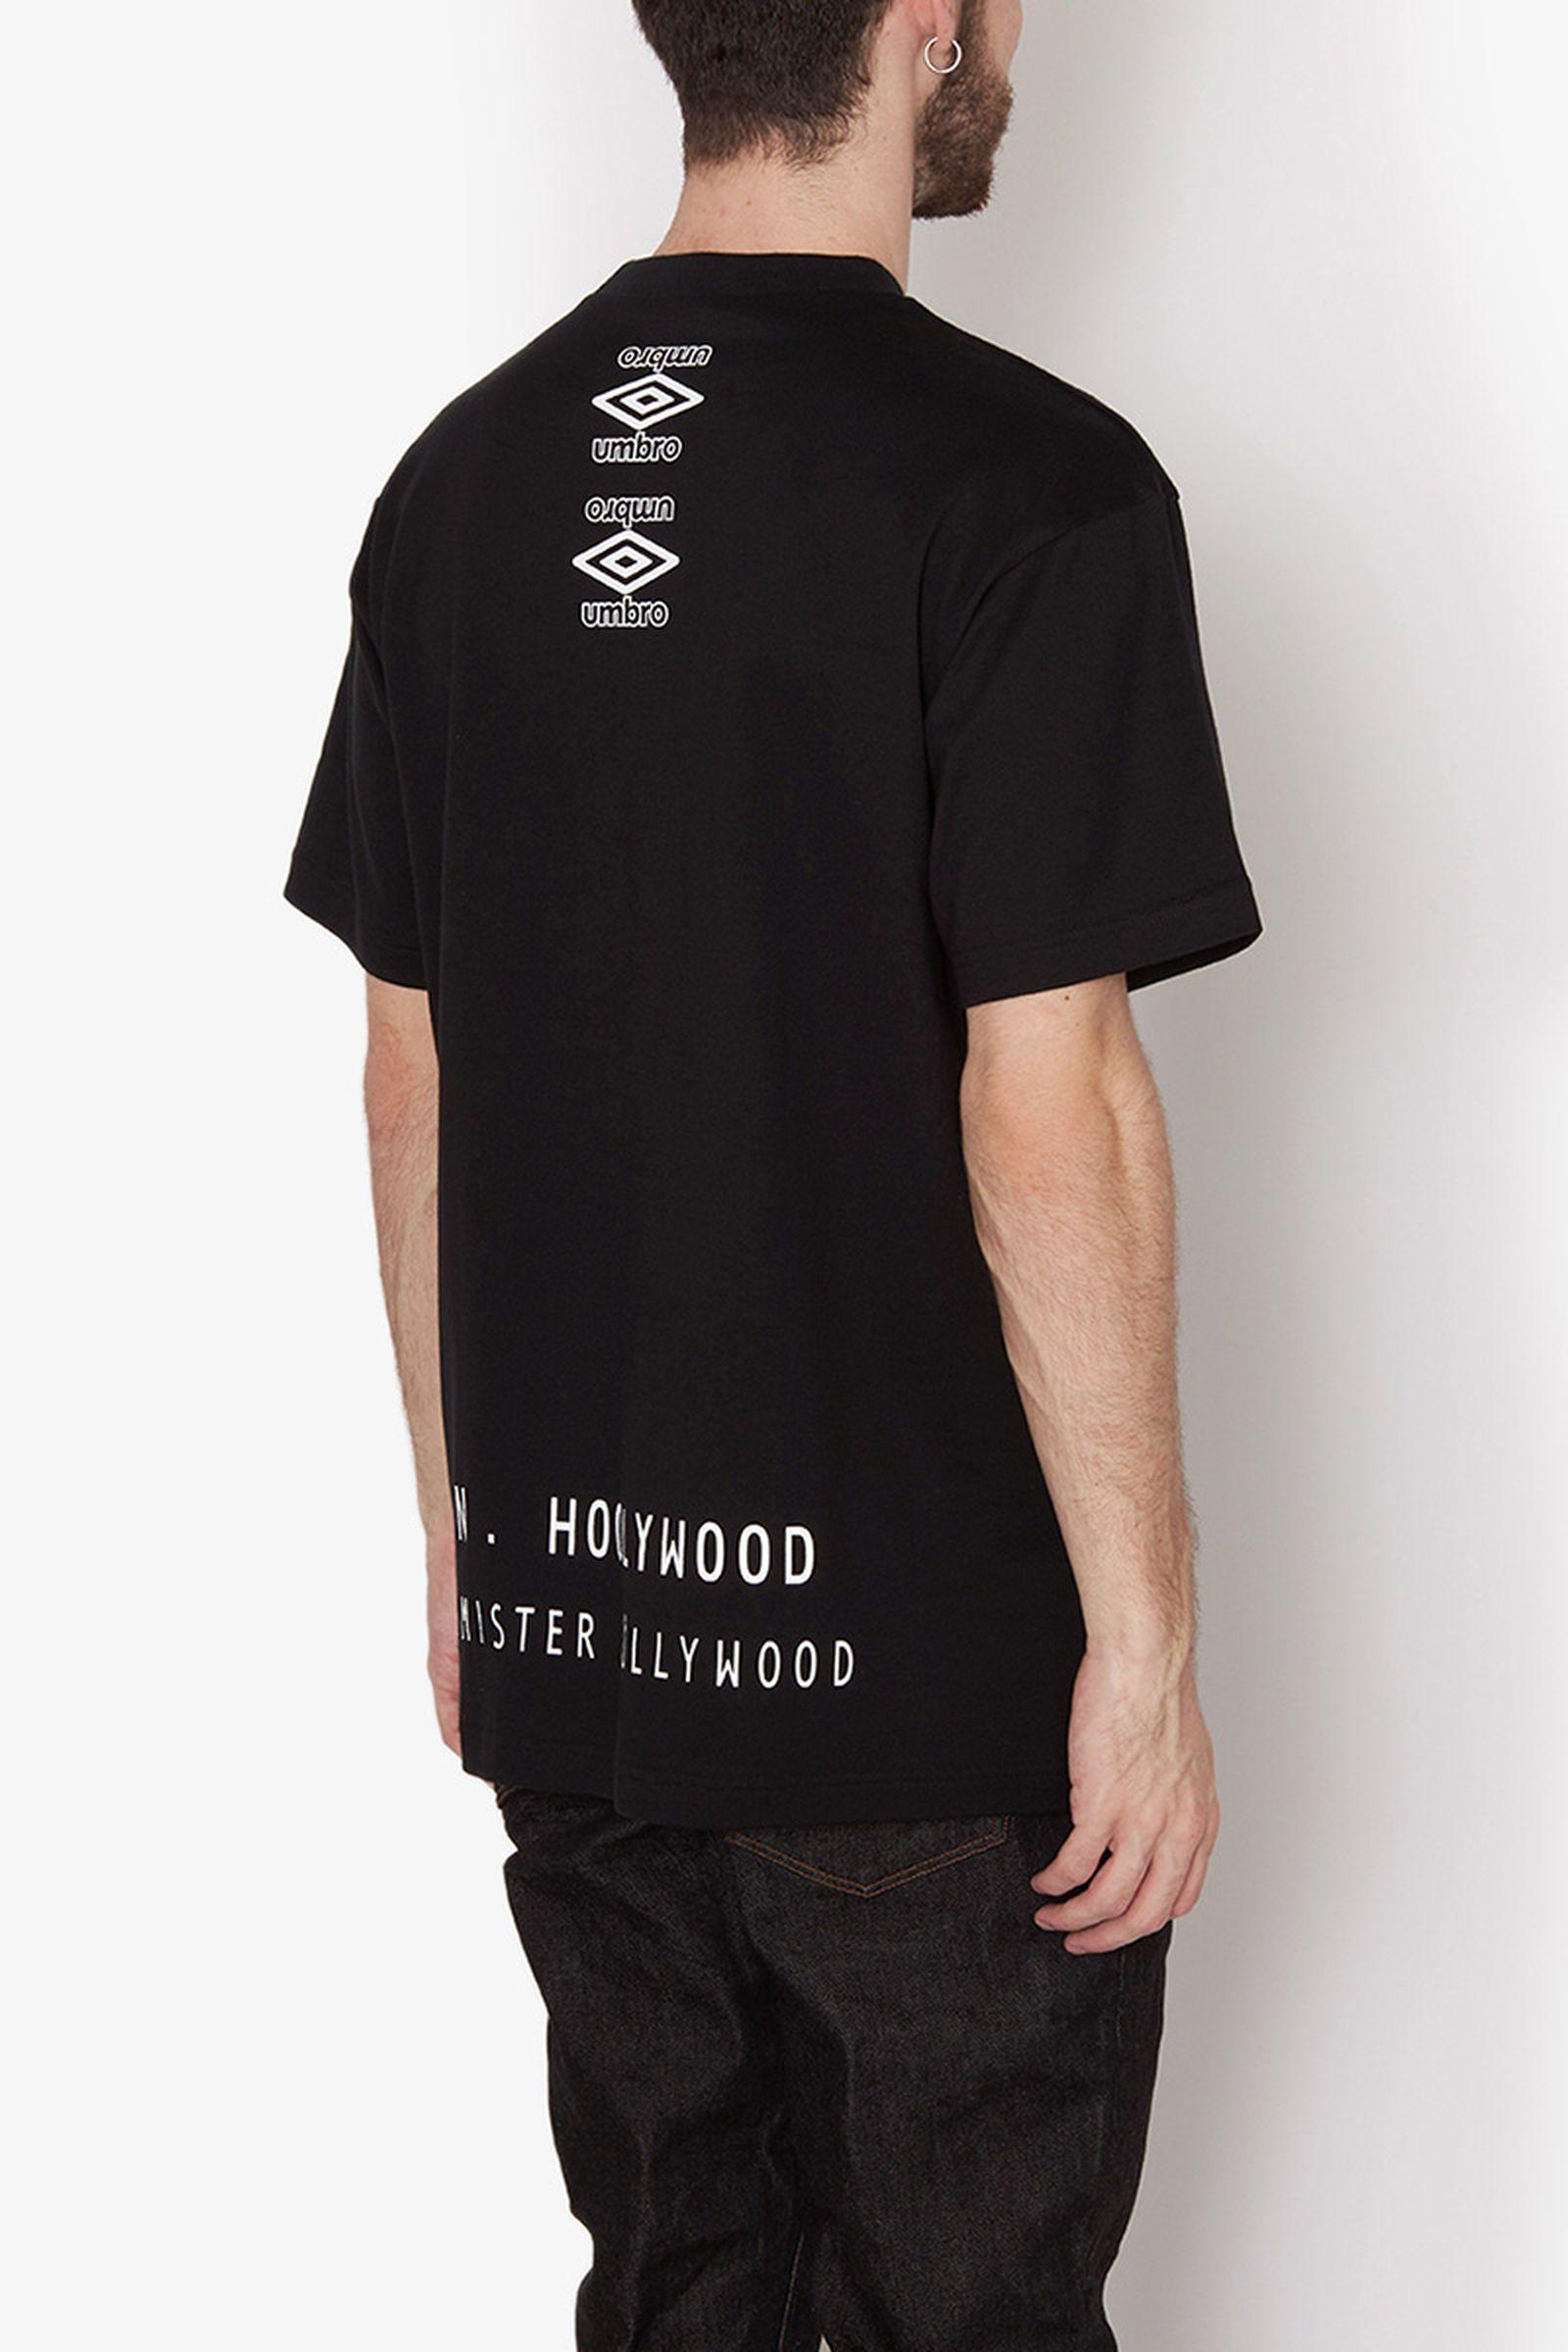 n hoolywood umbro collab n. hoolywood